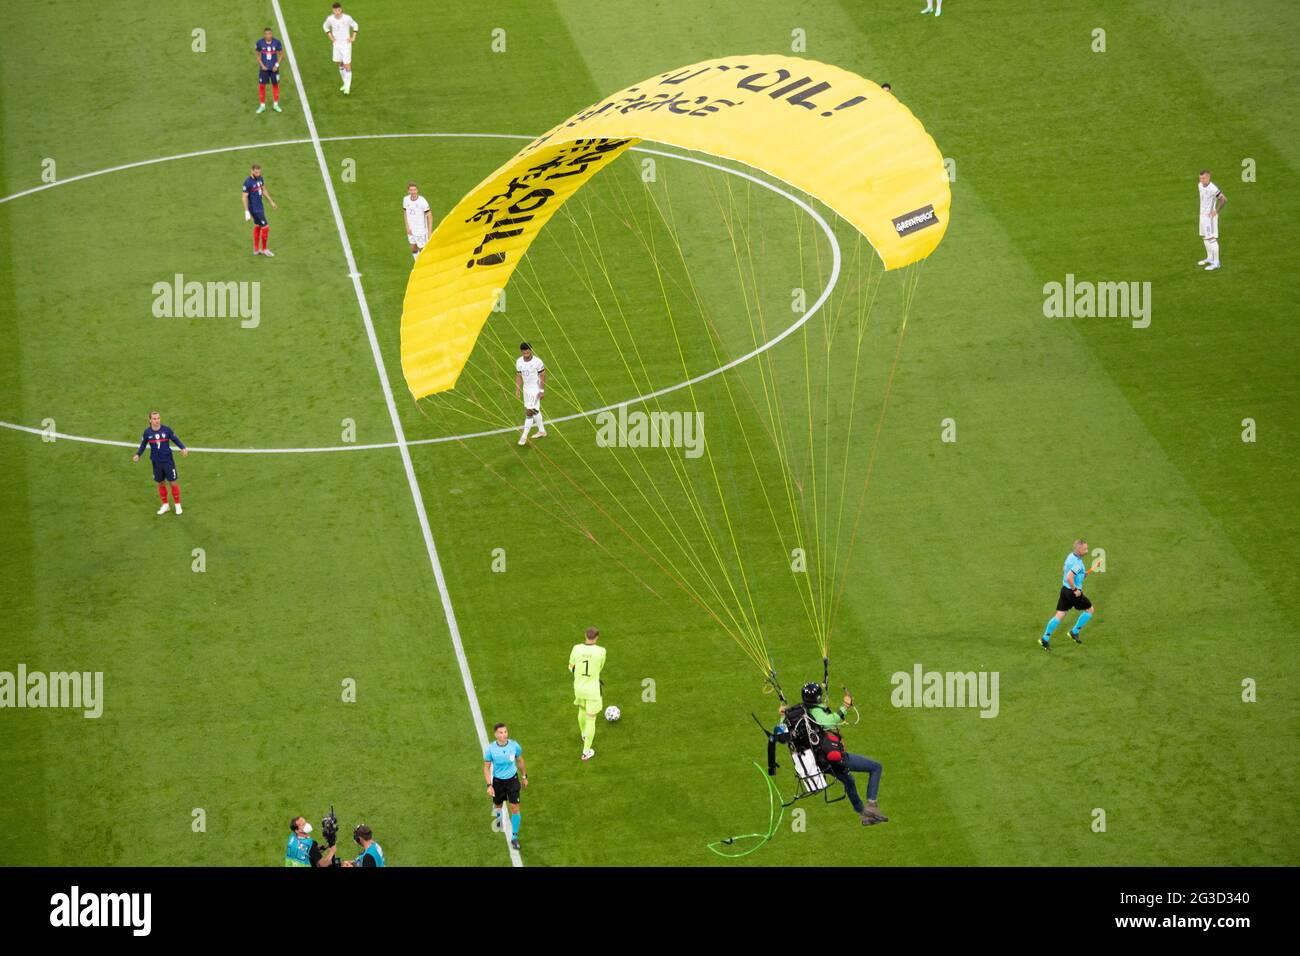 Un protetore di Greenpeace è visto volare nello stadio prima della partita del Campionato UEFA Euro 2020 Gruppo F tra Francia e Germania ad Allianz Arena, il 15 giugno 2021 in Baviera, Monaco, Germania. Foto di David Niviere/ABACAPRESS.COM Foto Stock